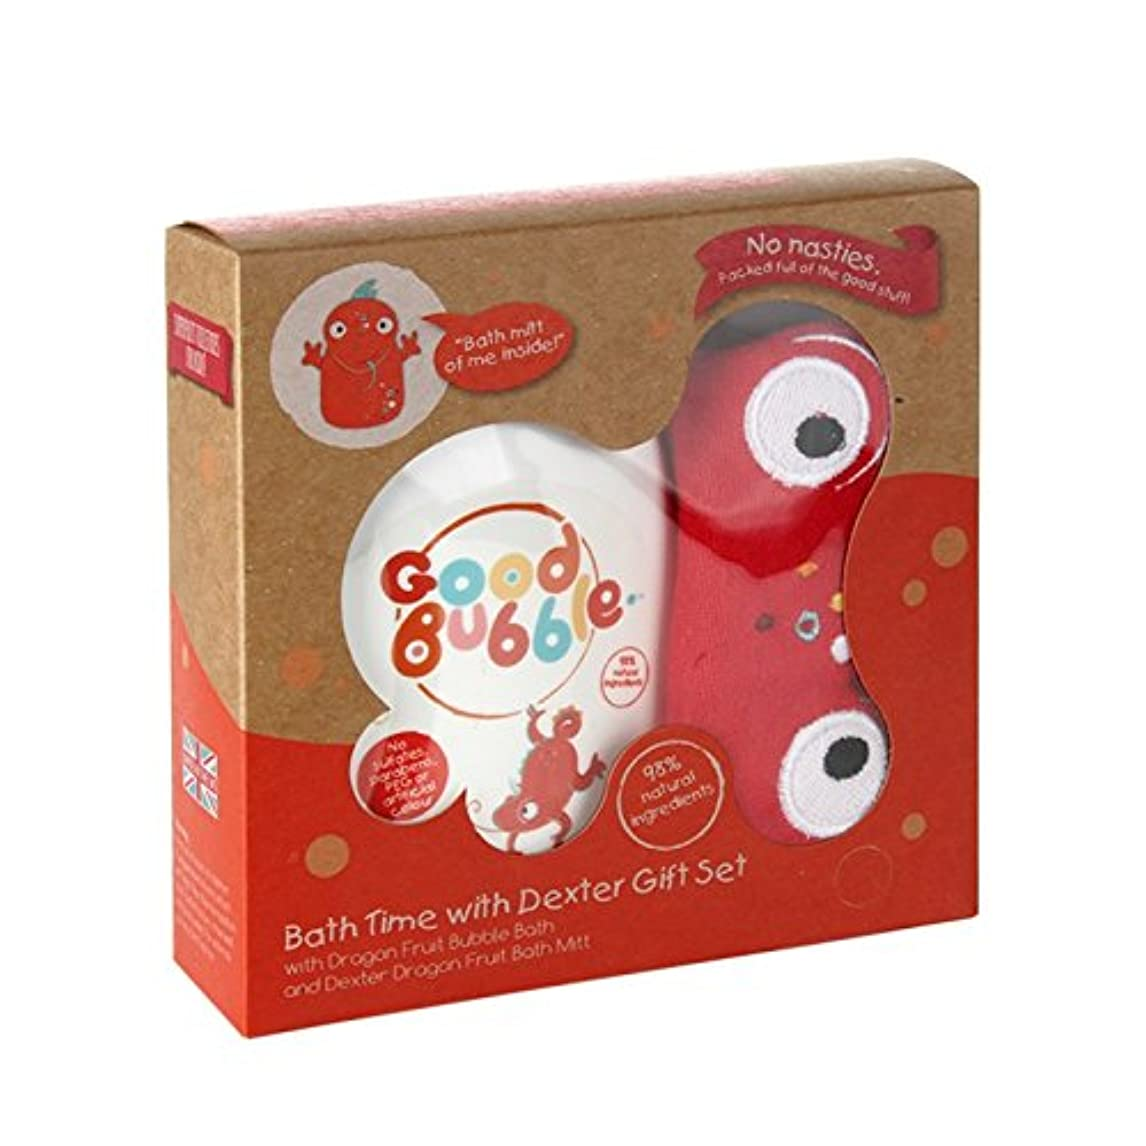 教えて見かけ上エスカレートGood Bubble Dexter Dragonfruit Gift Set 550g (Pack of 2) - 良いバブルデクスターDragonfruitギフトセット550グラム (x2) [並行輸入品]